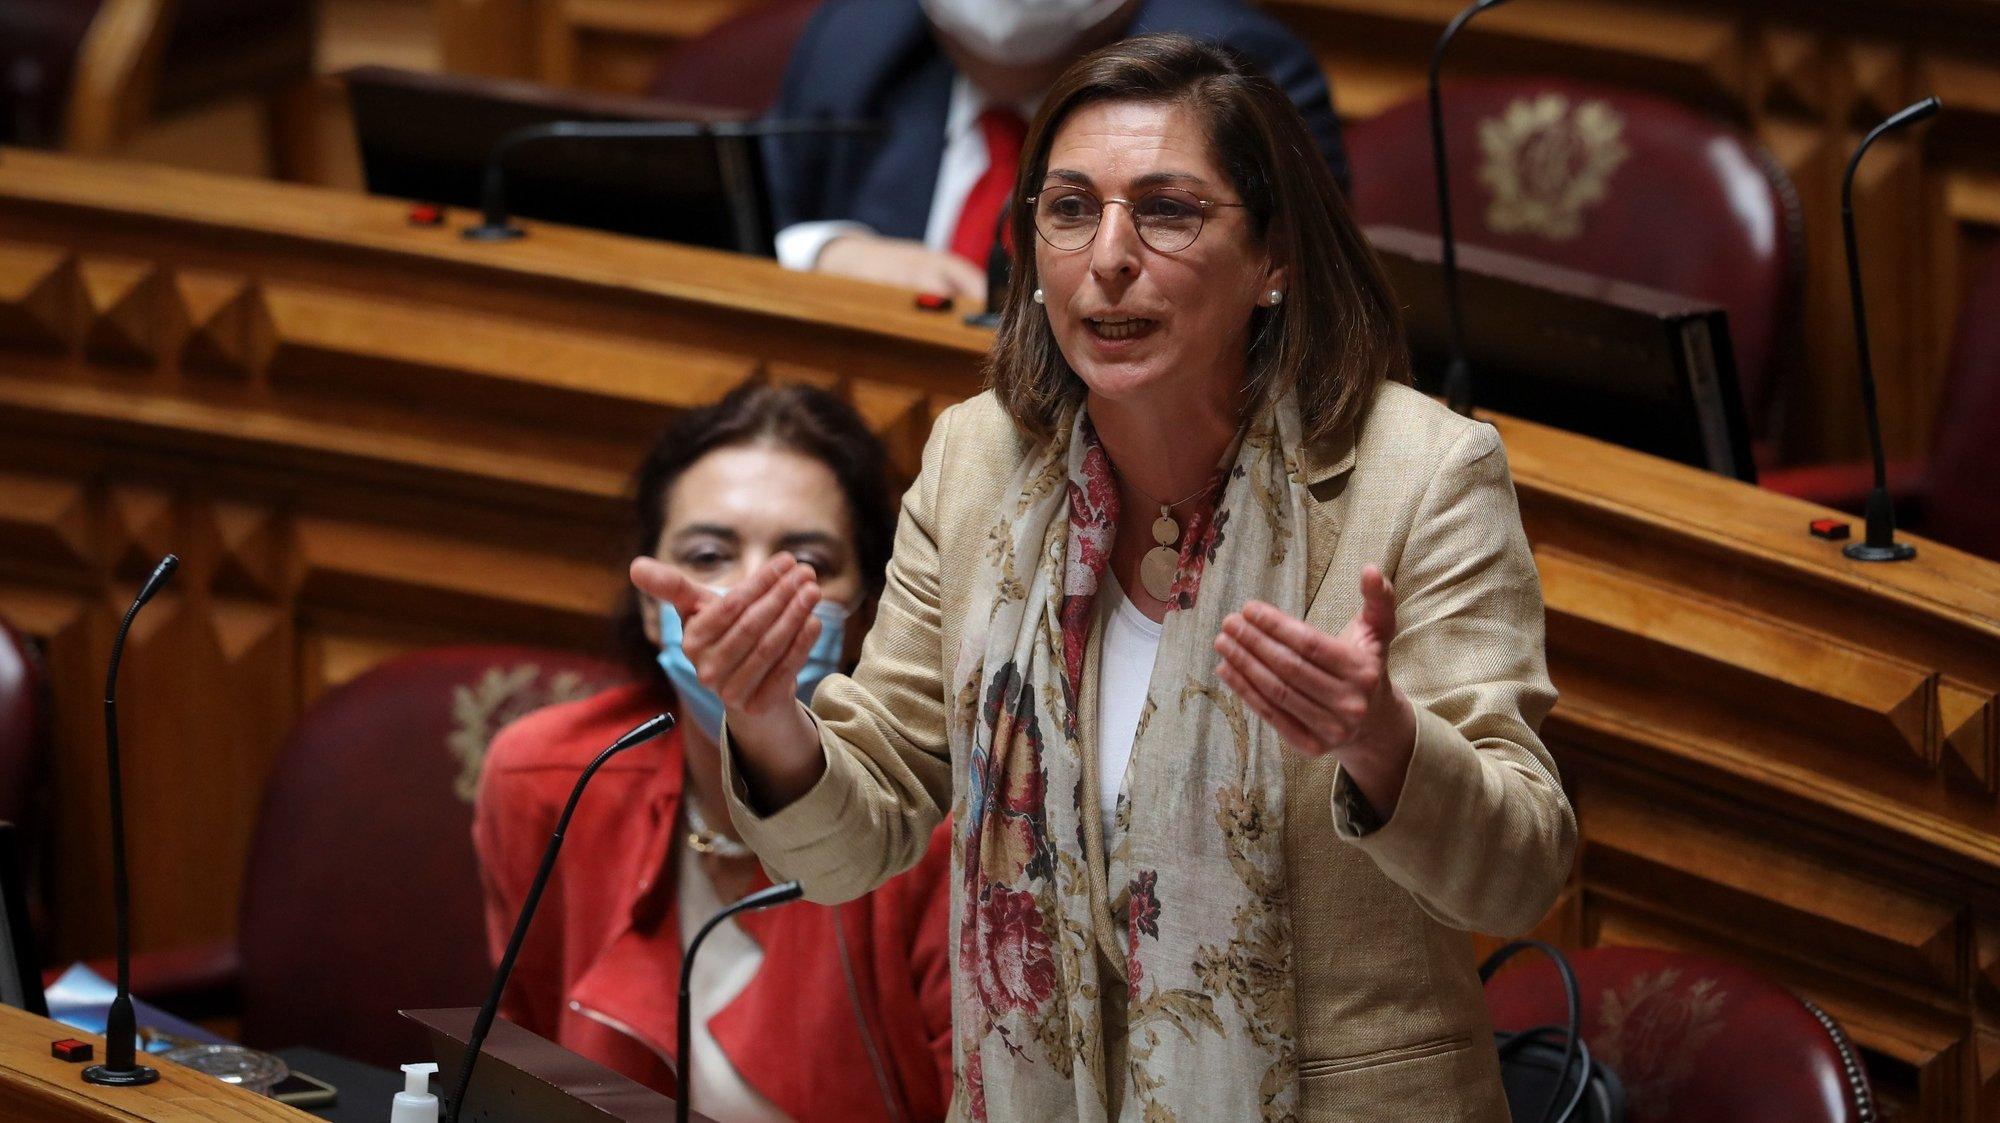 """A deputada do PS Ana Catarina Mendes intervém no debate de interpelação ao Governo, requerida pelo PCP, sobre o tema """"Defesa dos direitos dos trabalhadores"""",  esta tarde na Assembleia da República em Lisboa, 19 de maio de 2021. MIGUEL A. LOPES/LUSA"""